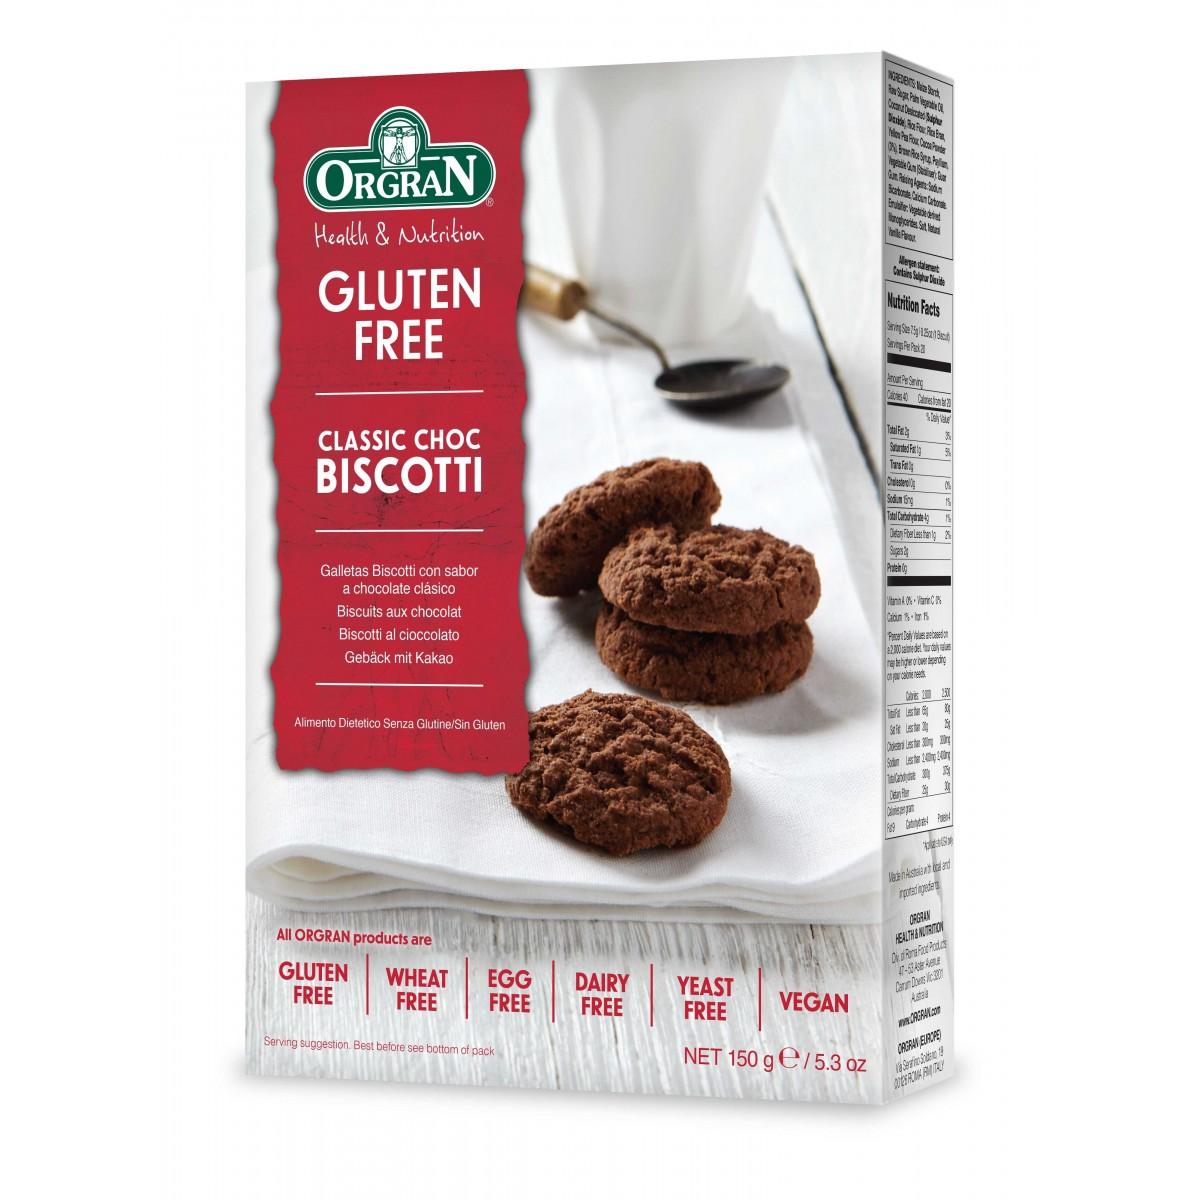 Classic Choc Biscotti